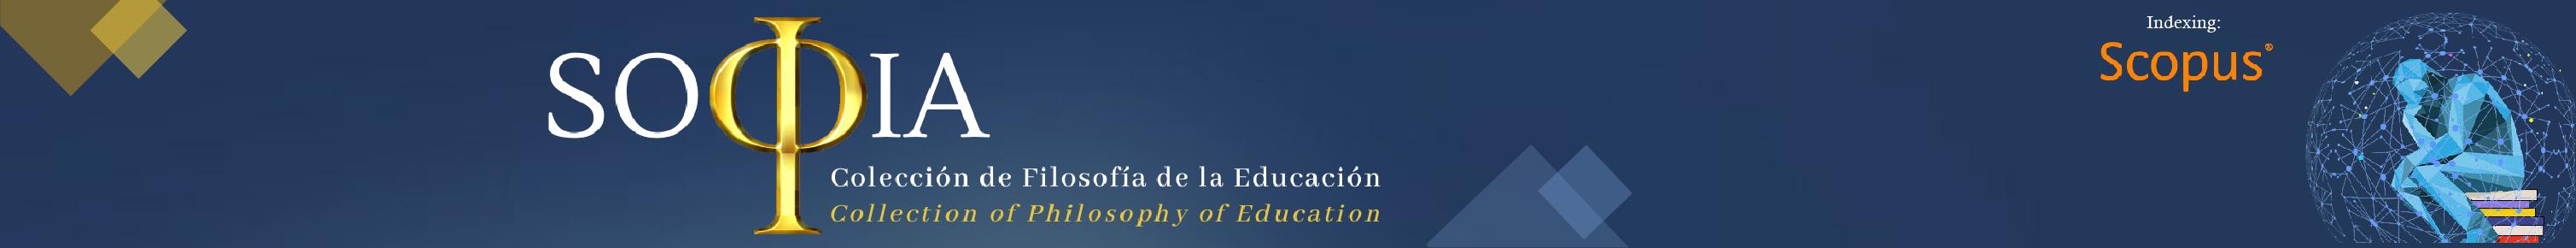 Sophia: Colección de Filosofía de la Educación